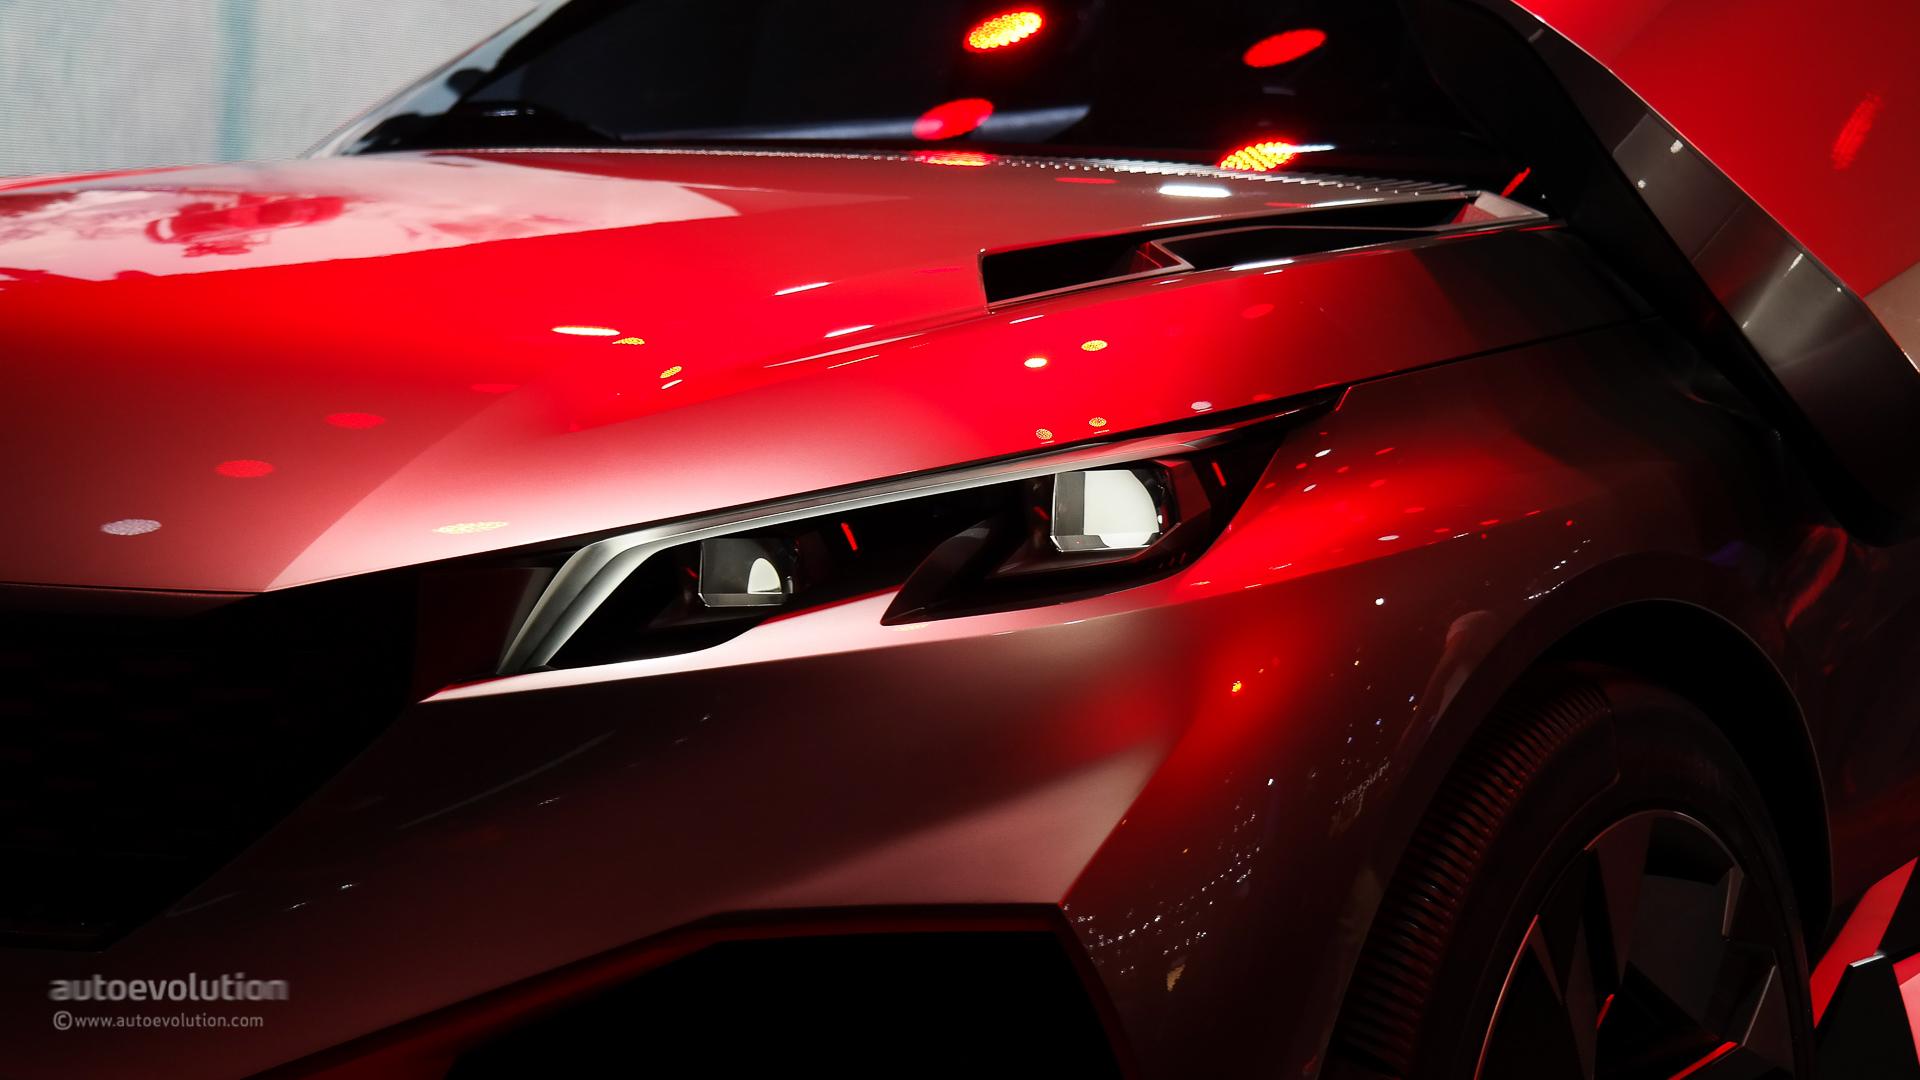 500 HP Peugeot Quartz Concept Previews Future French SUV at Paris 2014 [Live Photos] - autoevolution